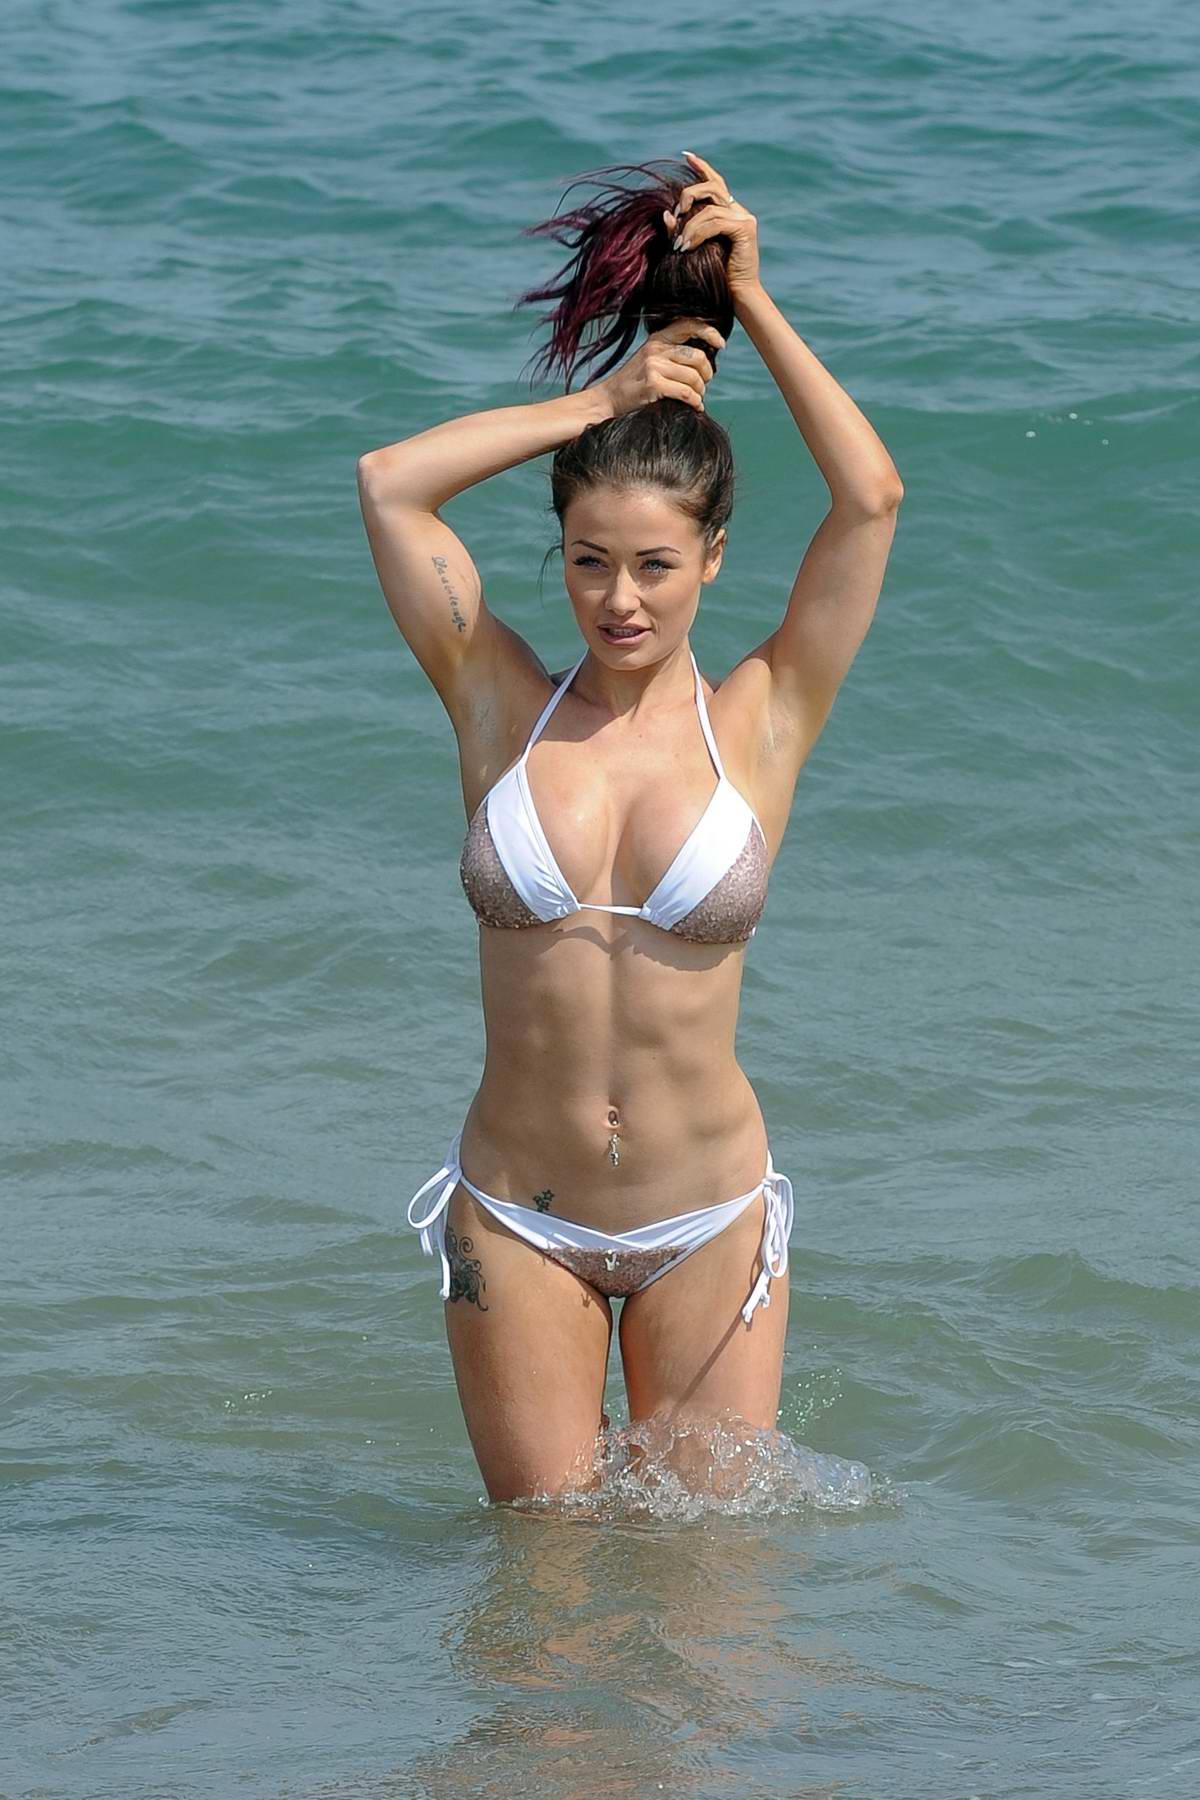 Jess Impiazzi Bikini Nude Photos 19